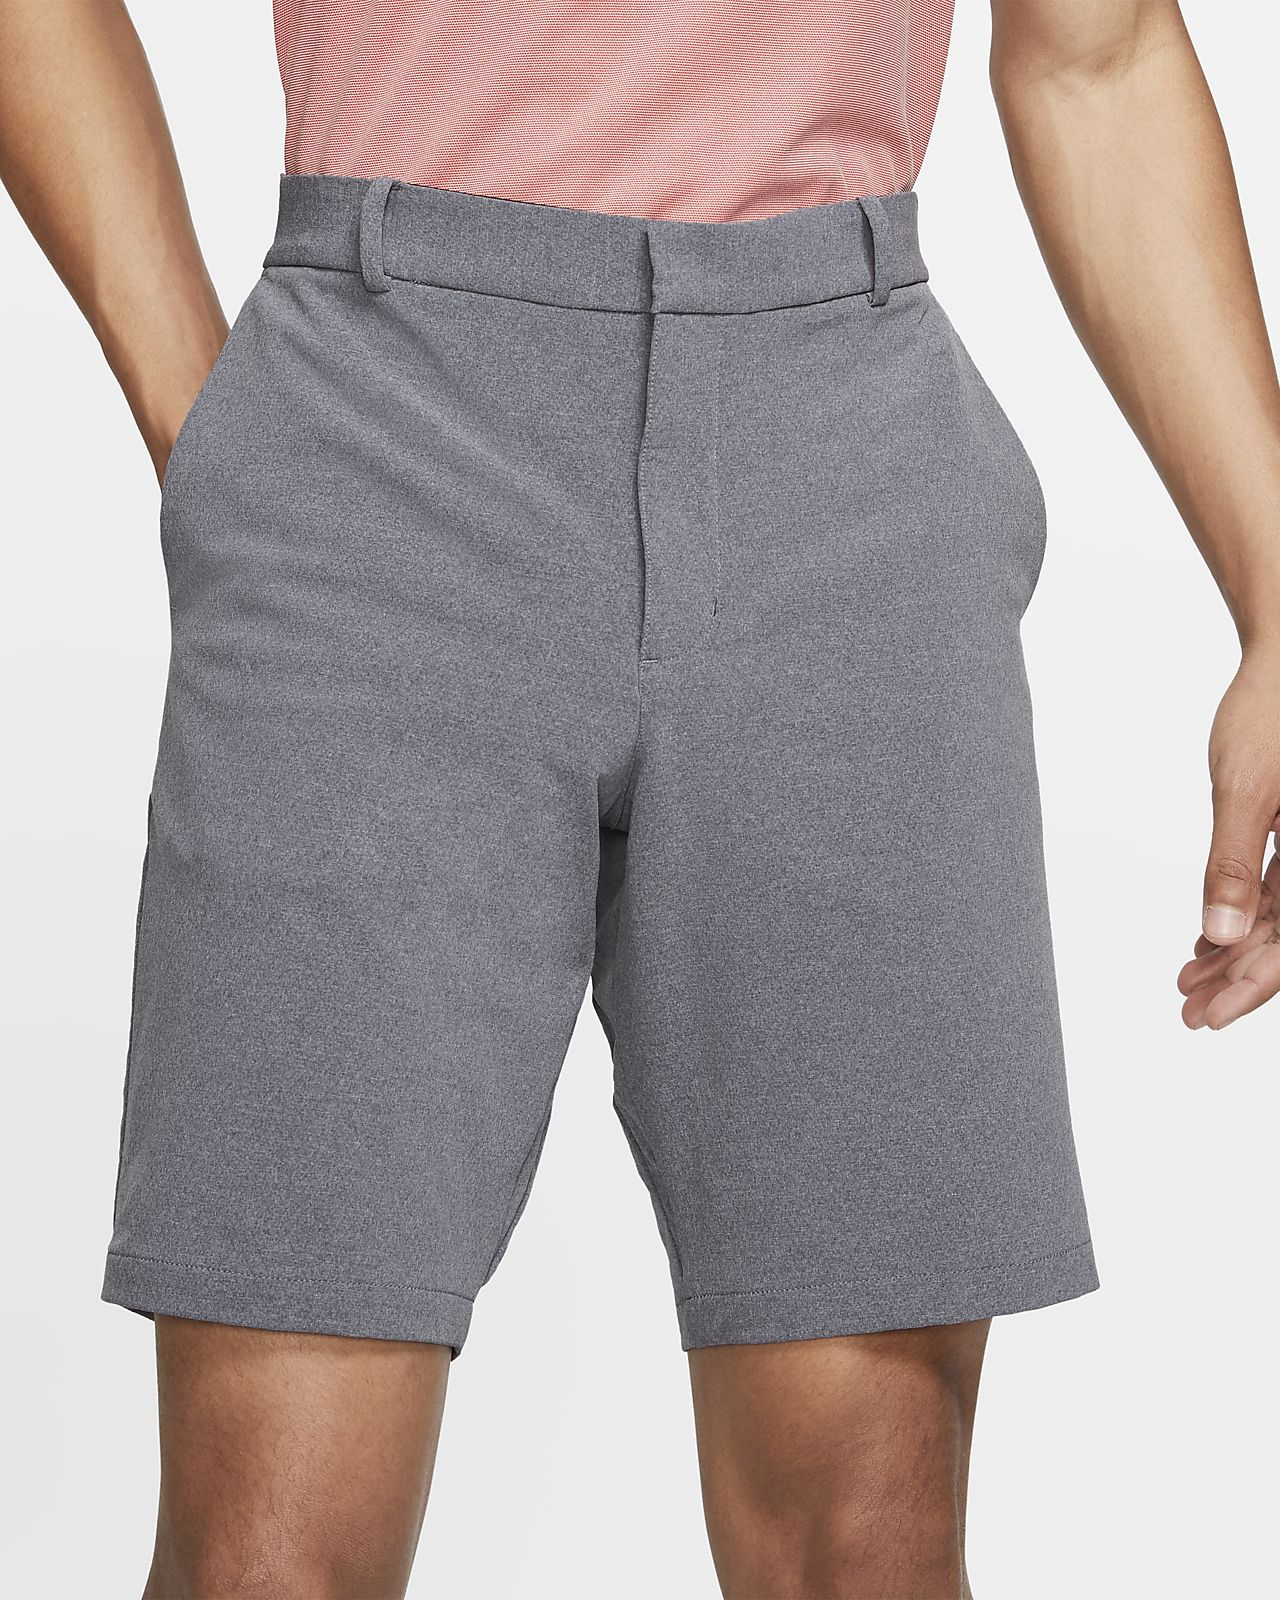 Calções de golfe de corte estreito Nike Flex para homem